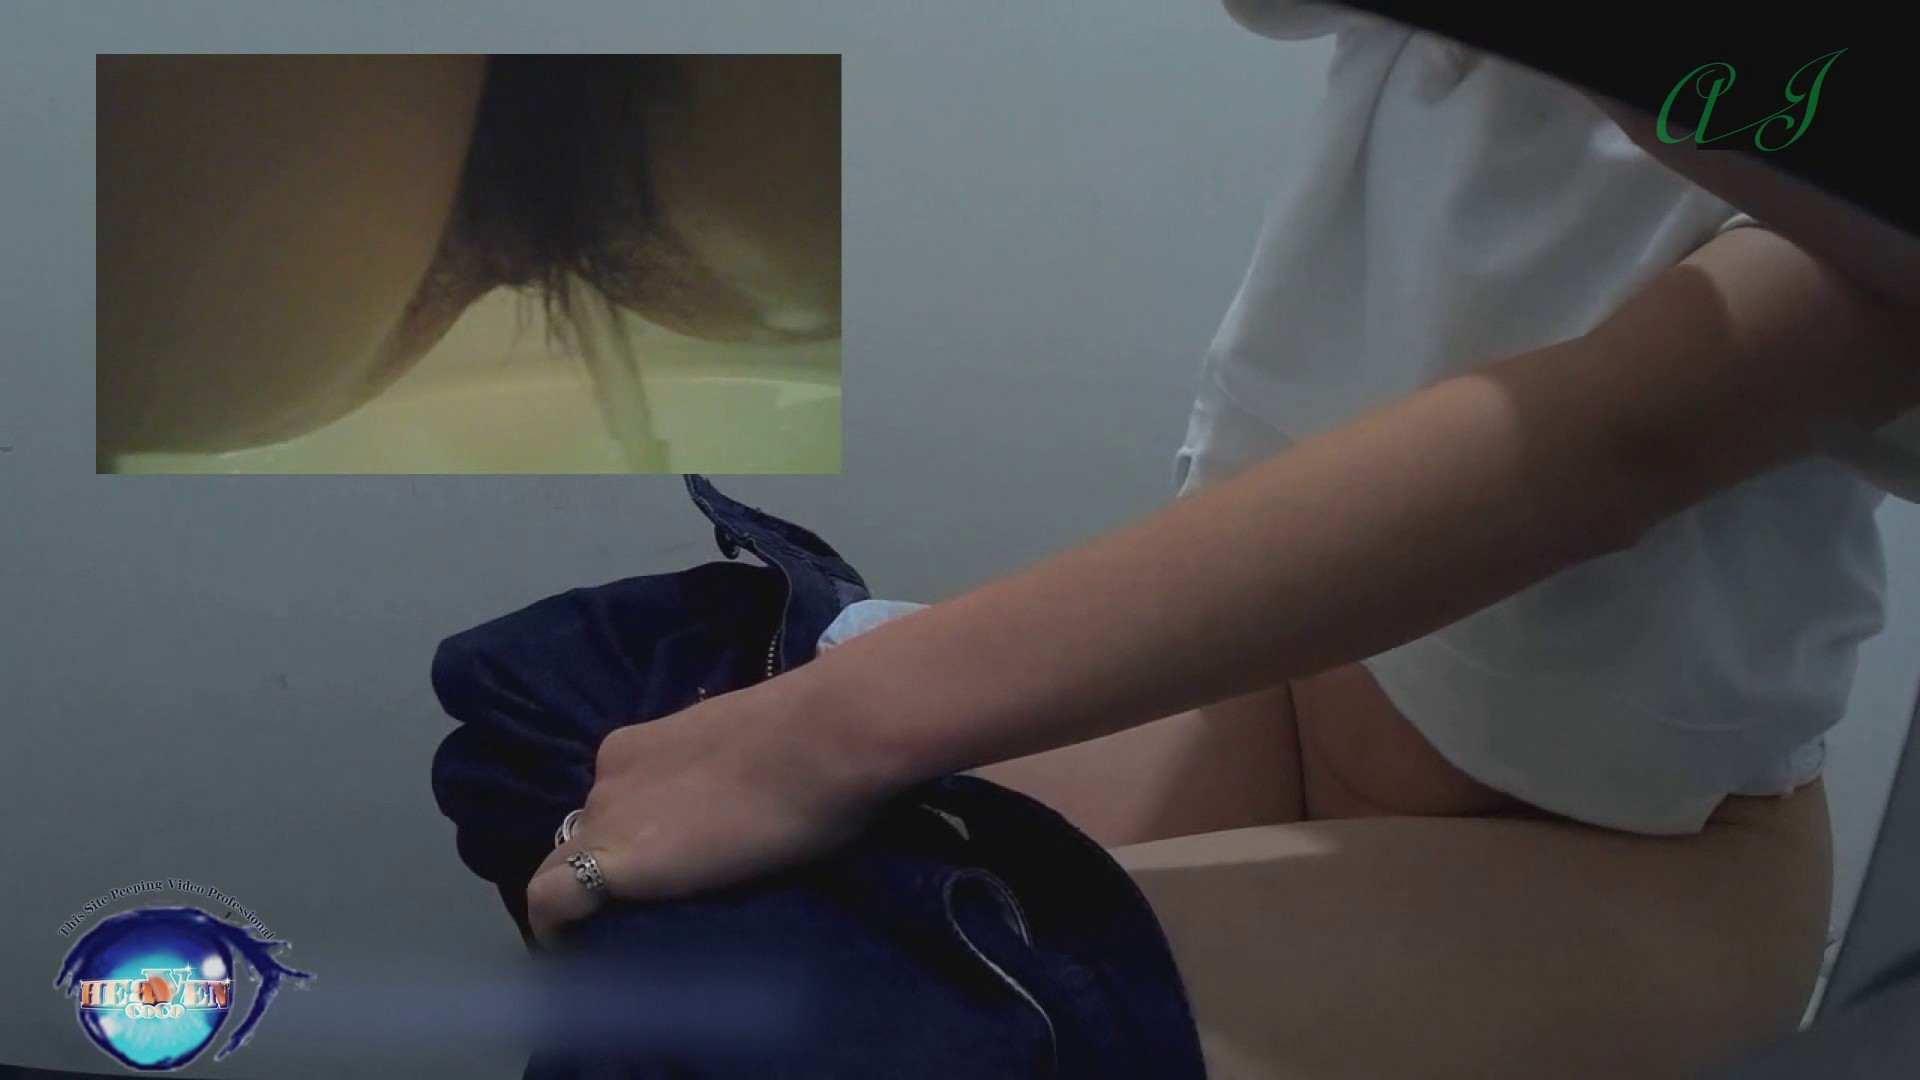 有名大学女性洗面所 vol.71 美女学生さんの潜入盗撮!後編 美女まとめ ヌード画像 102PIX 28